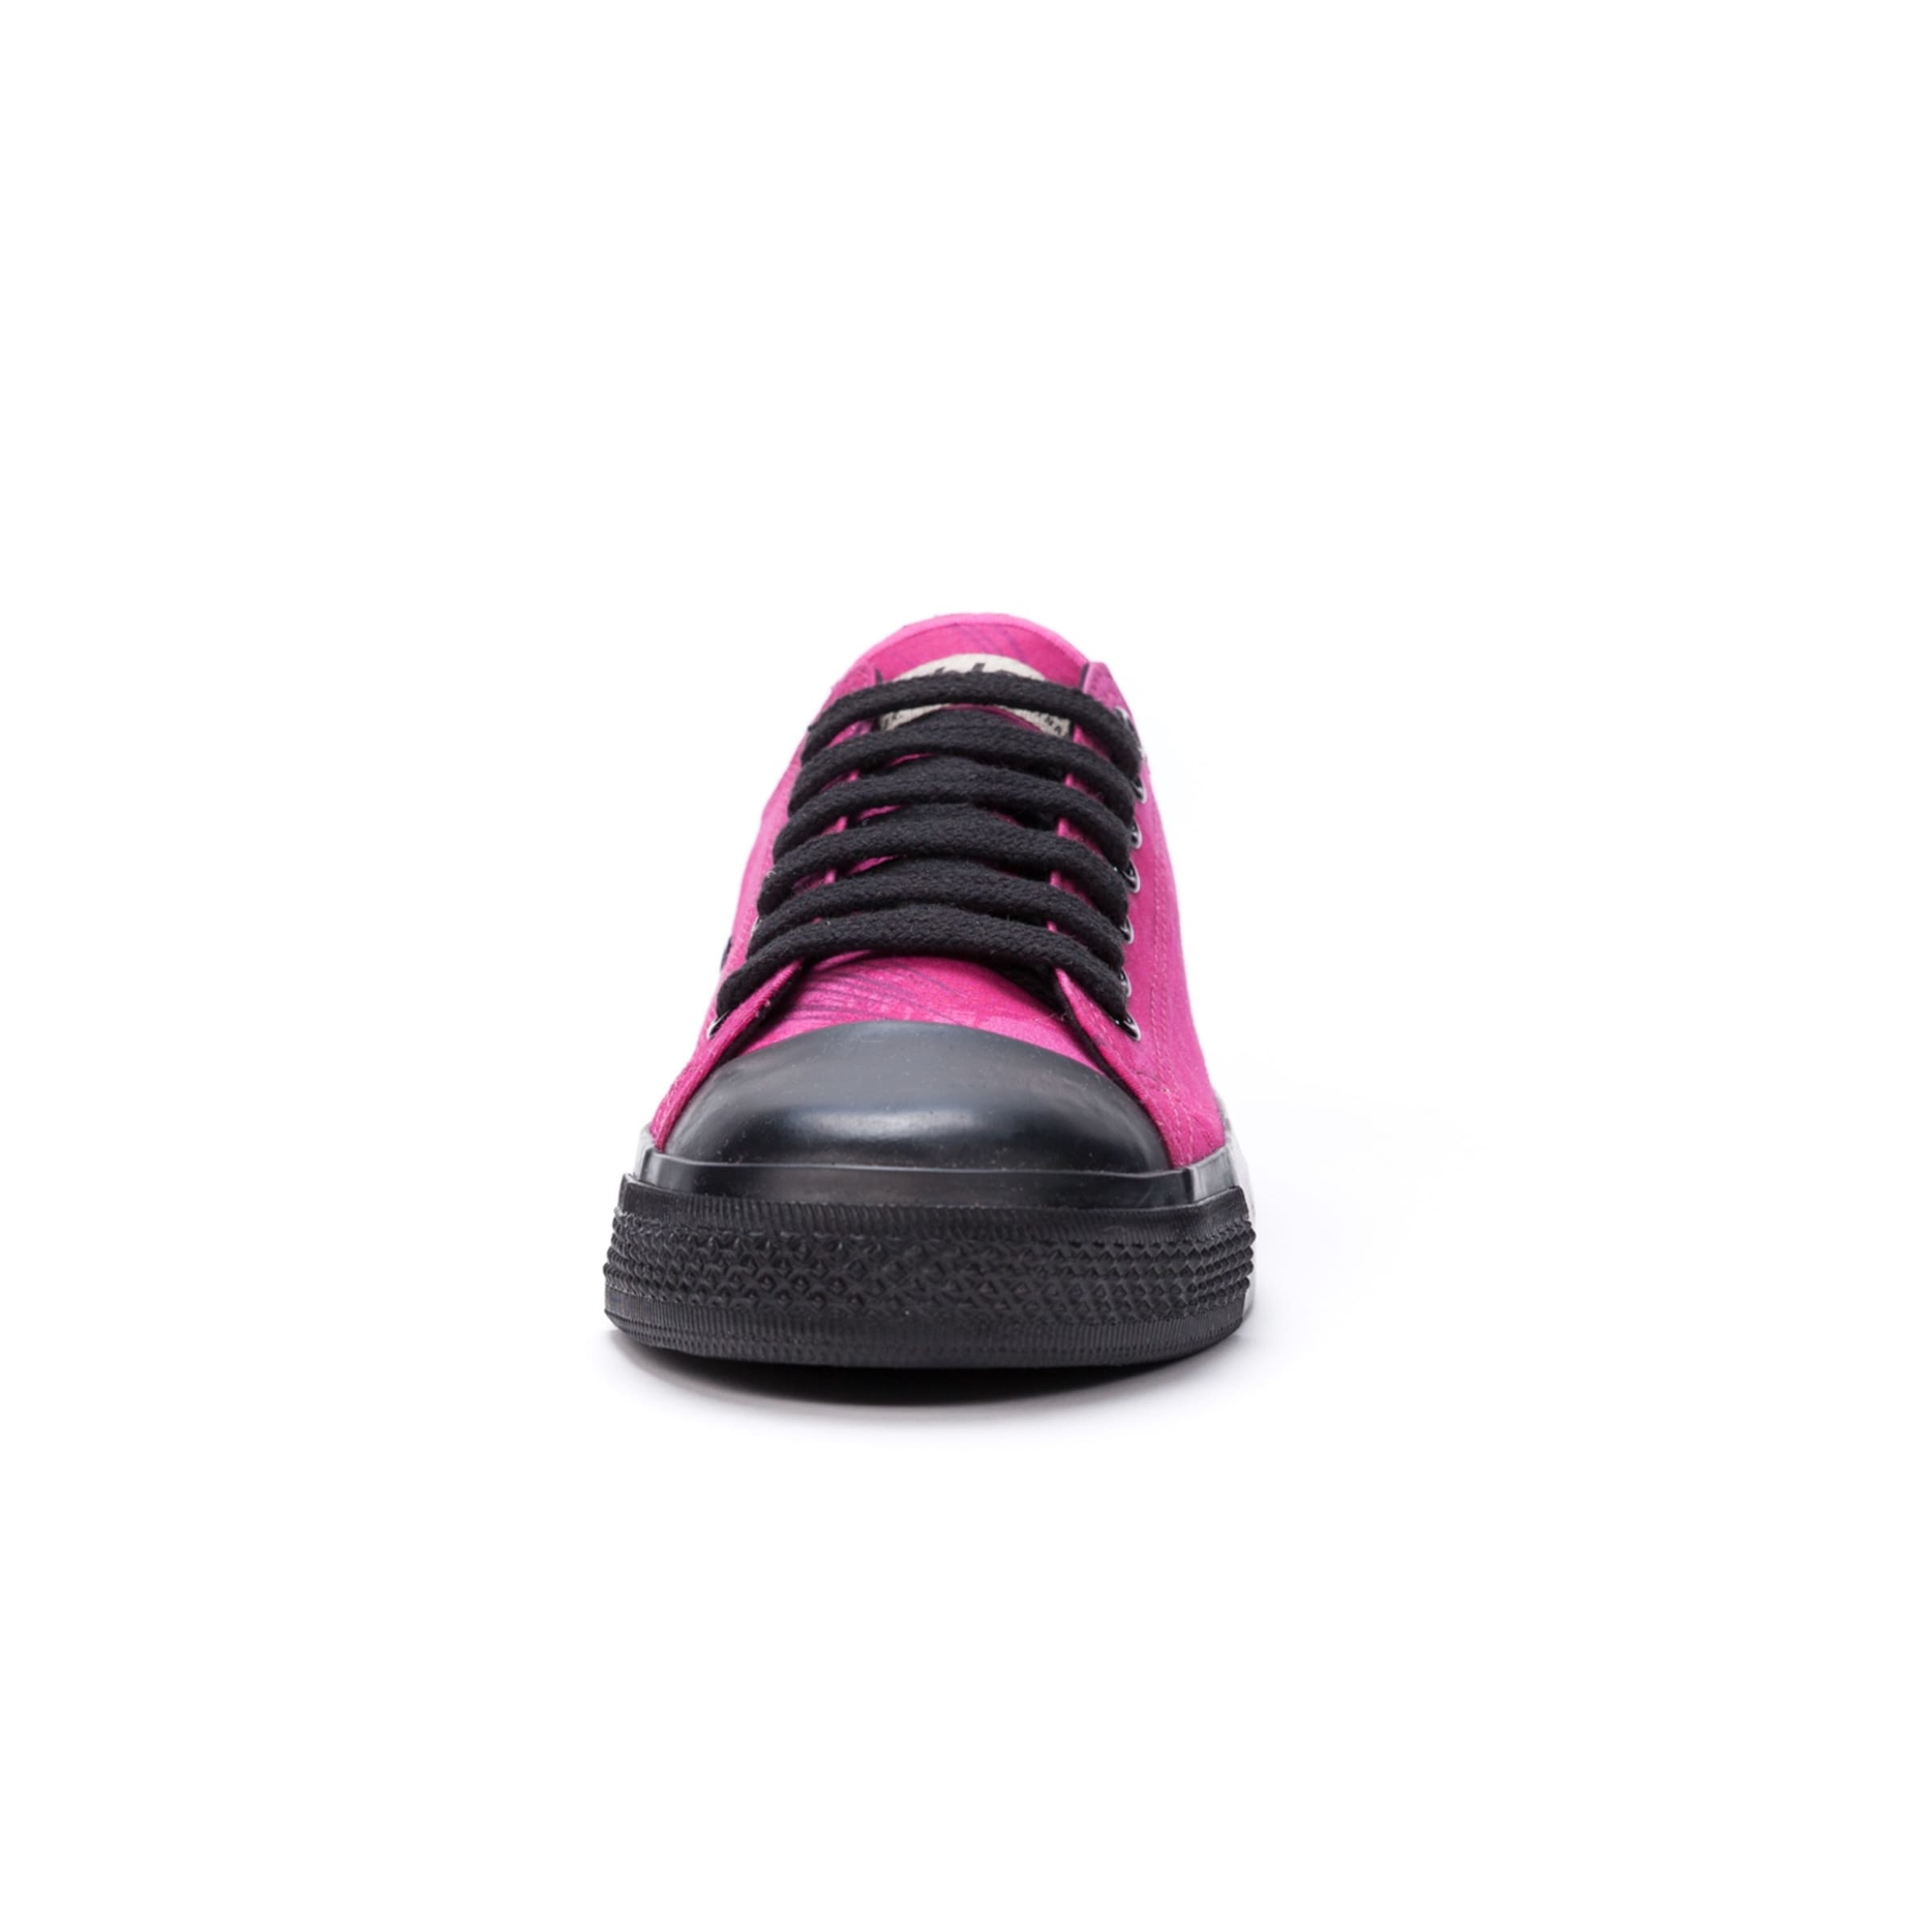 In In Sneaker Ethletic PinkSchwarz PinkSchwarz Ethletic Ethletic Sneaker bYyf6v7g